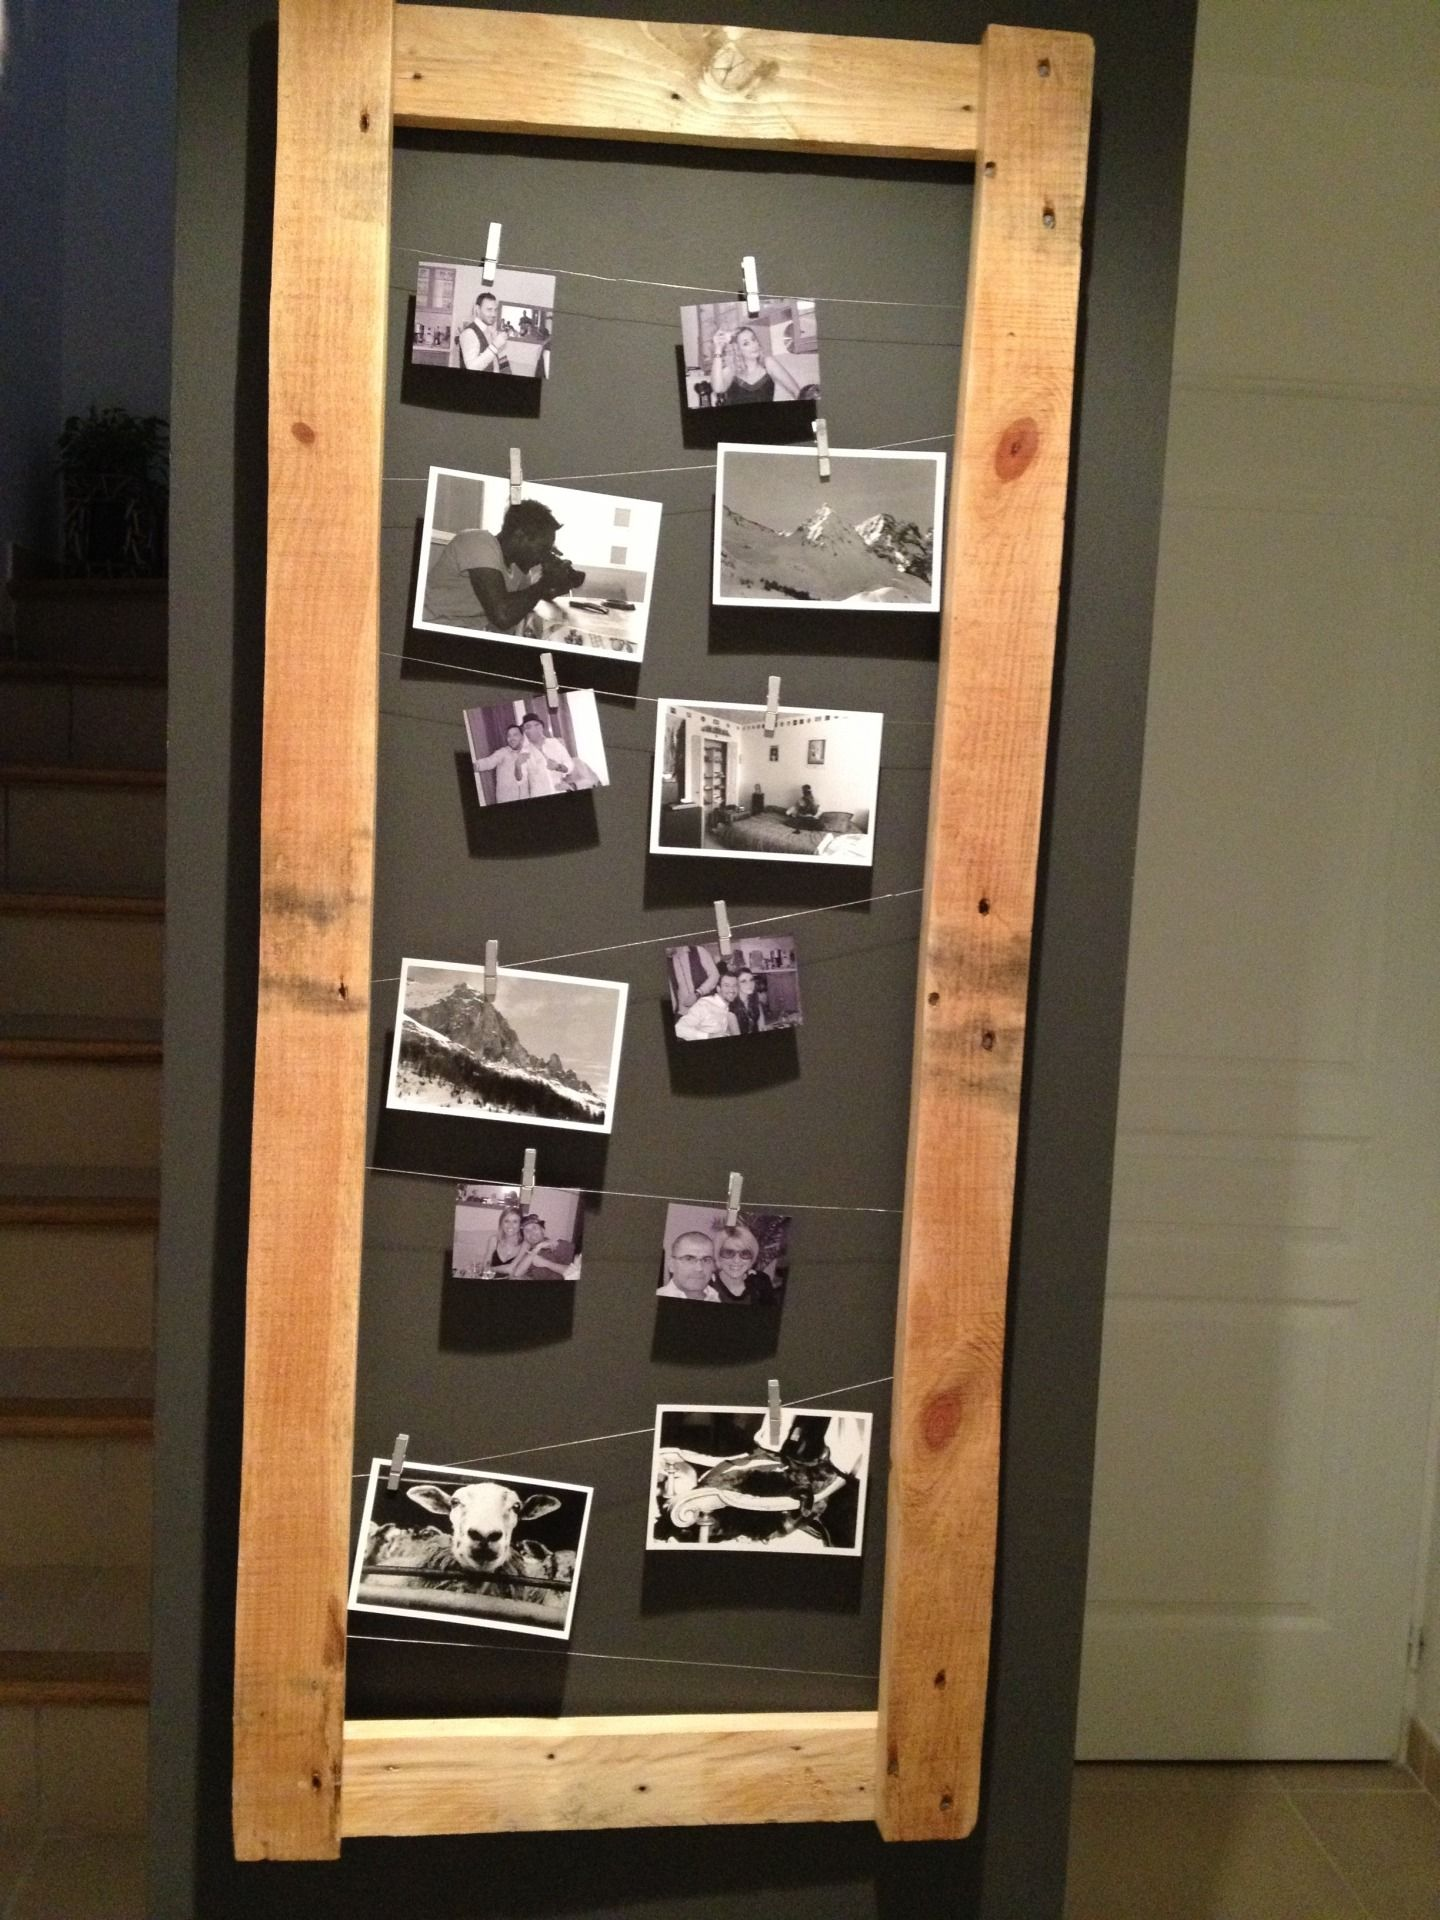 montage photos pele mele gratuit recherche google - Montage Pele Mele